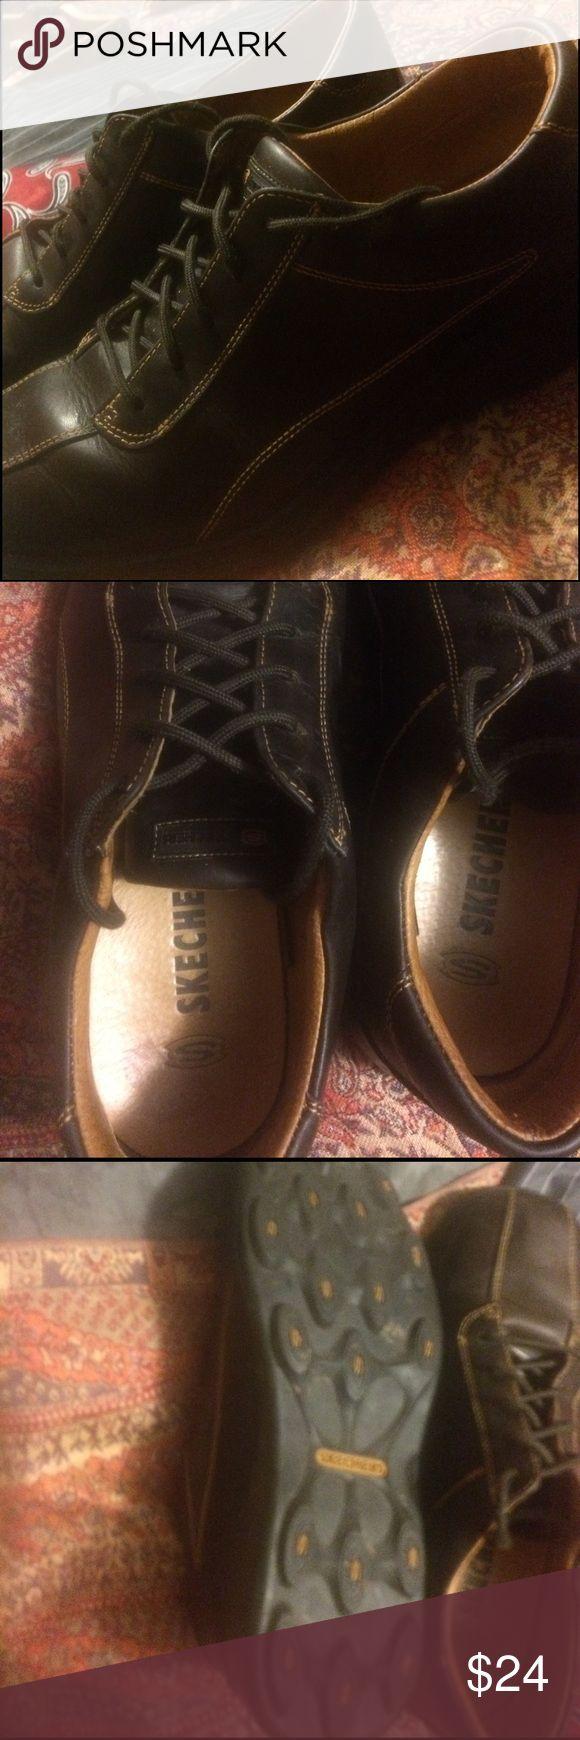 Skechers men's casual men's shoe Men's casual Skechers shoe Skechers Shoes Oxfords & Derbys